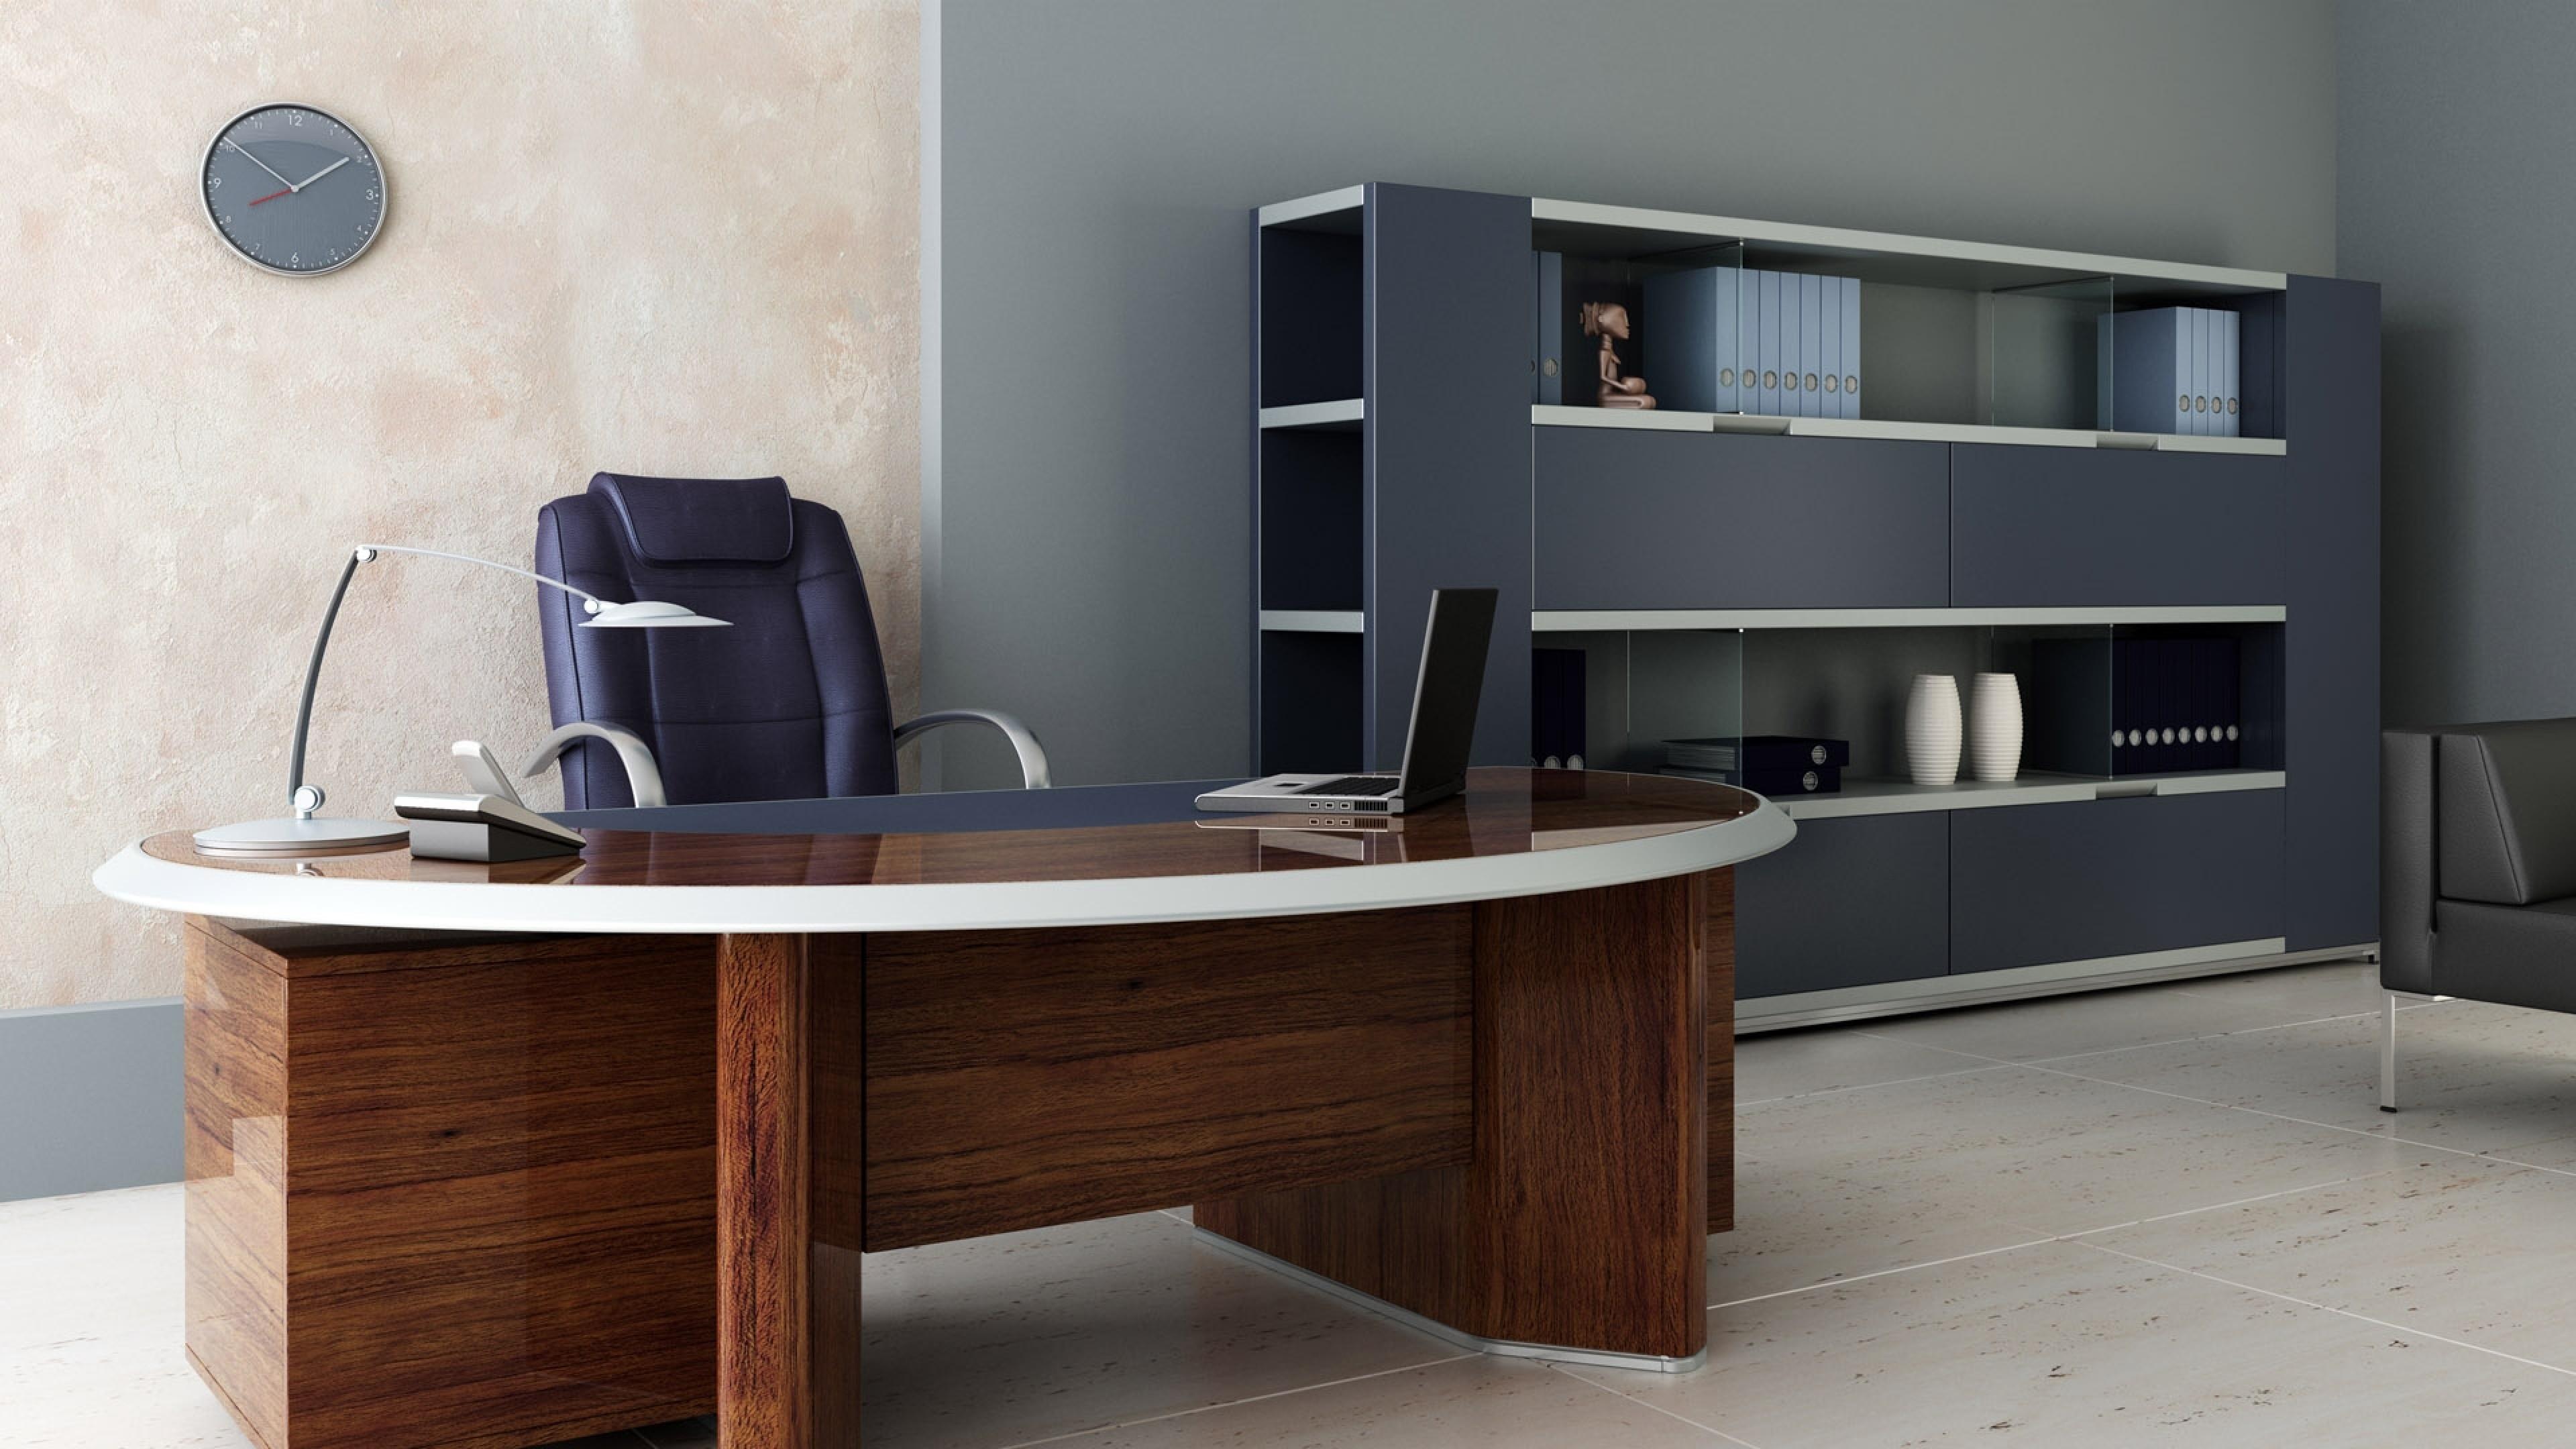 … Shelves Office Desk Wallpaper